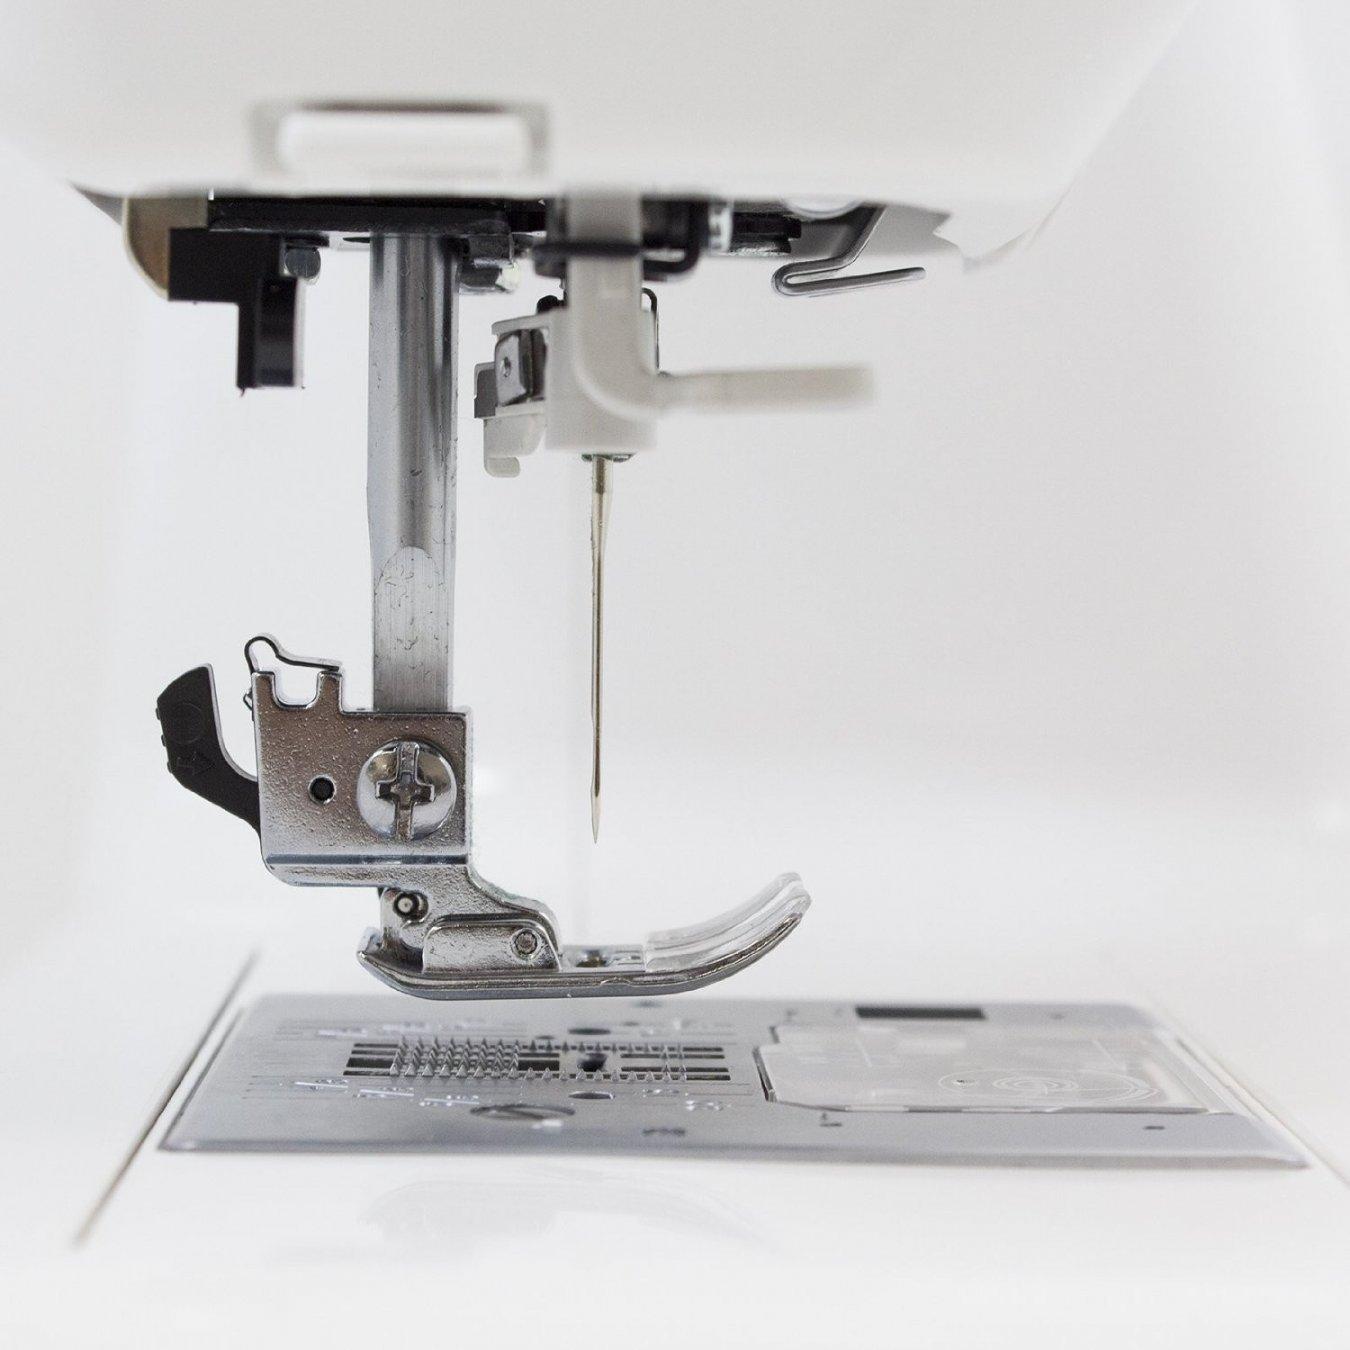 Macchina per cucire janome 8077 gnoato lino for Cucire macchina